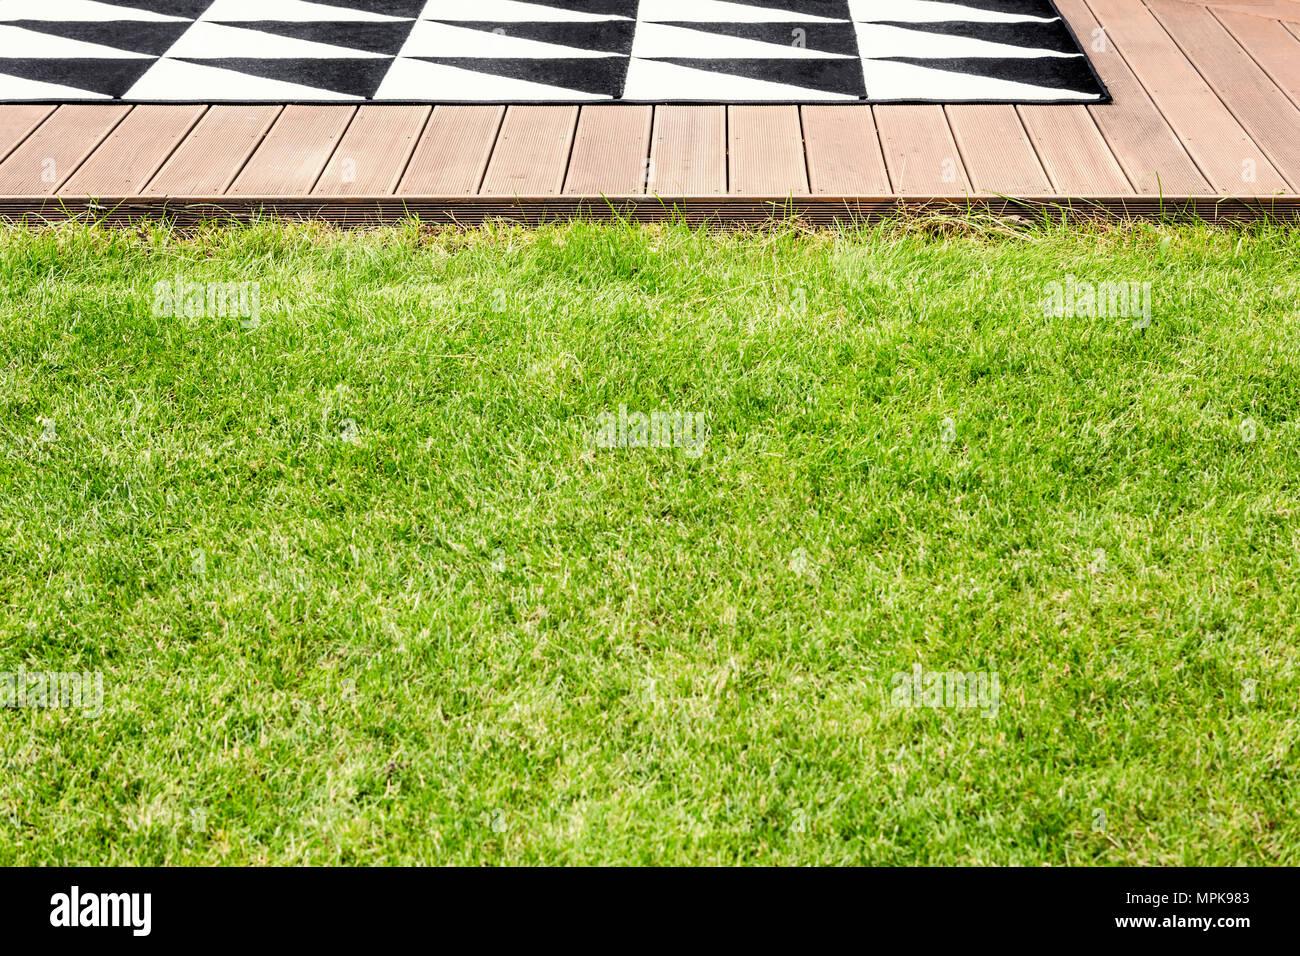 Grünes Gras und eine Holzterrasse mit geometrischen Wolldecke in einem Garten Stockfoto